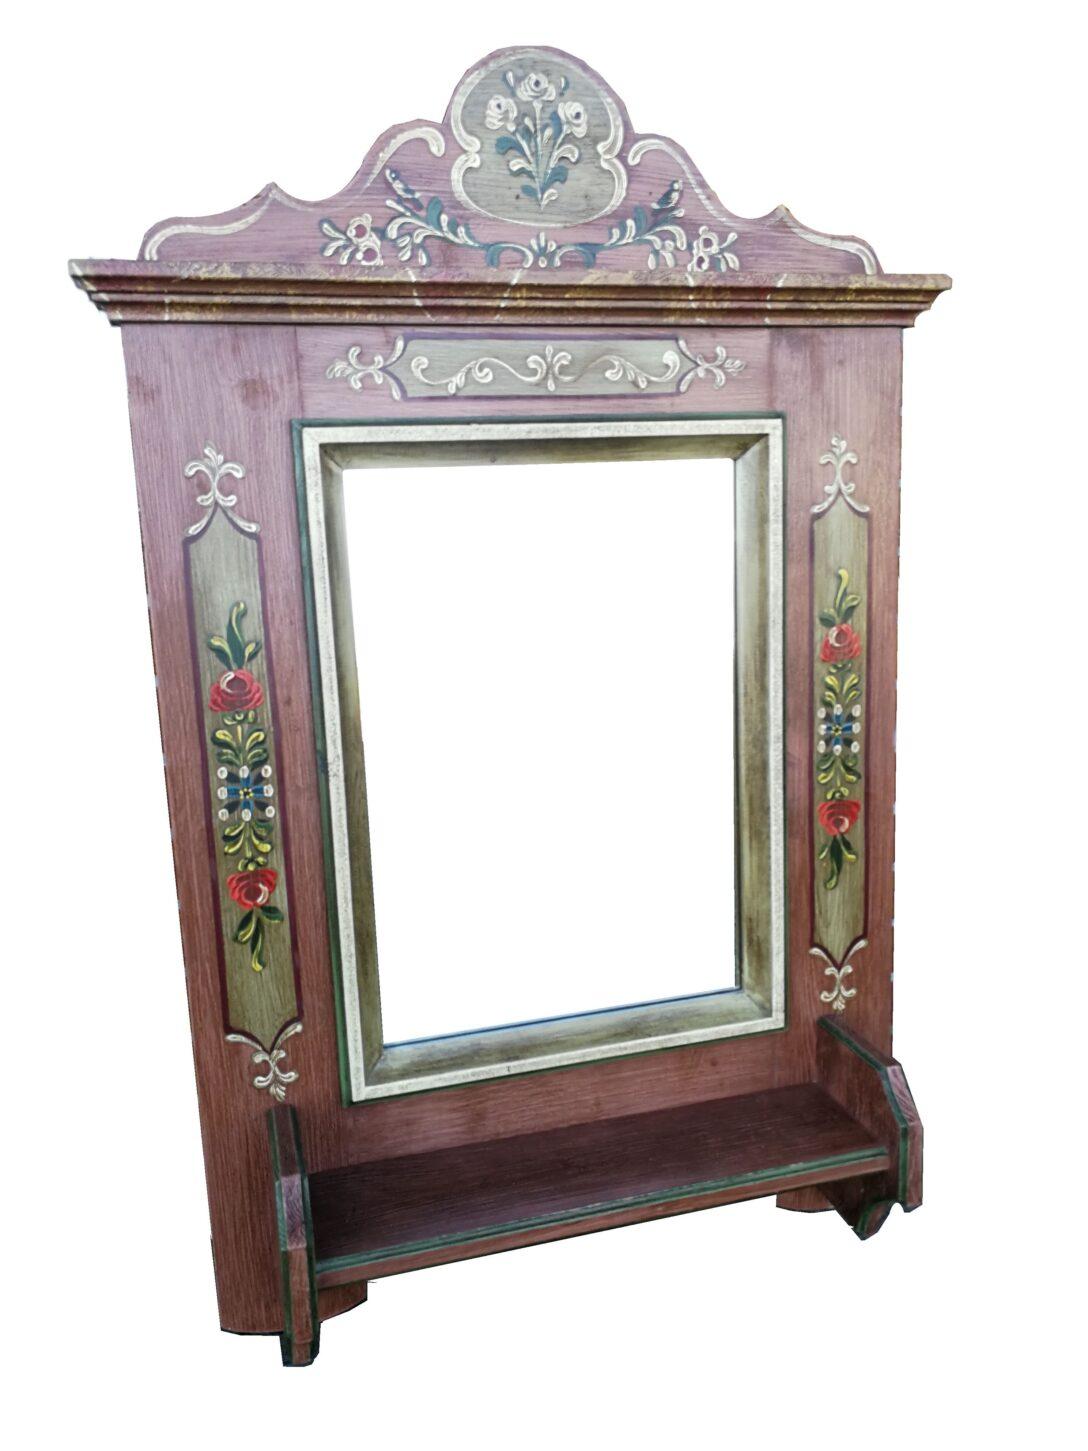 Large Size of Voglauer Anno 1800 Altrosa Spiegel Mirror Vintage Spiegelleuchten Bad Spiegelschränke Fürs Regal Kinderzimmer Weiß Spiegelschrank Badezimmer Spiegellampe Kinderzimmer Spiegel Kinderzimmer